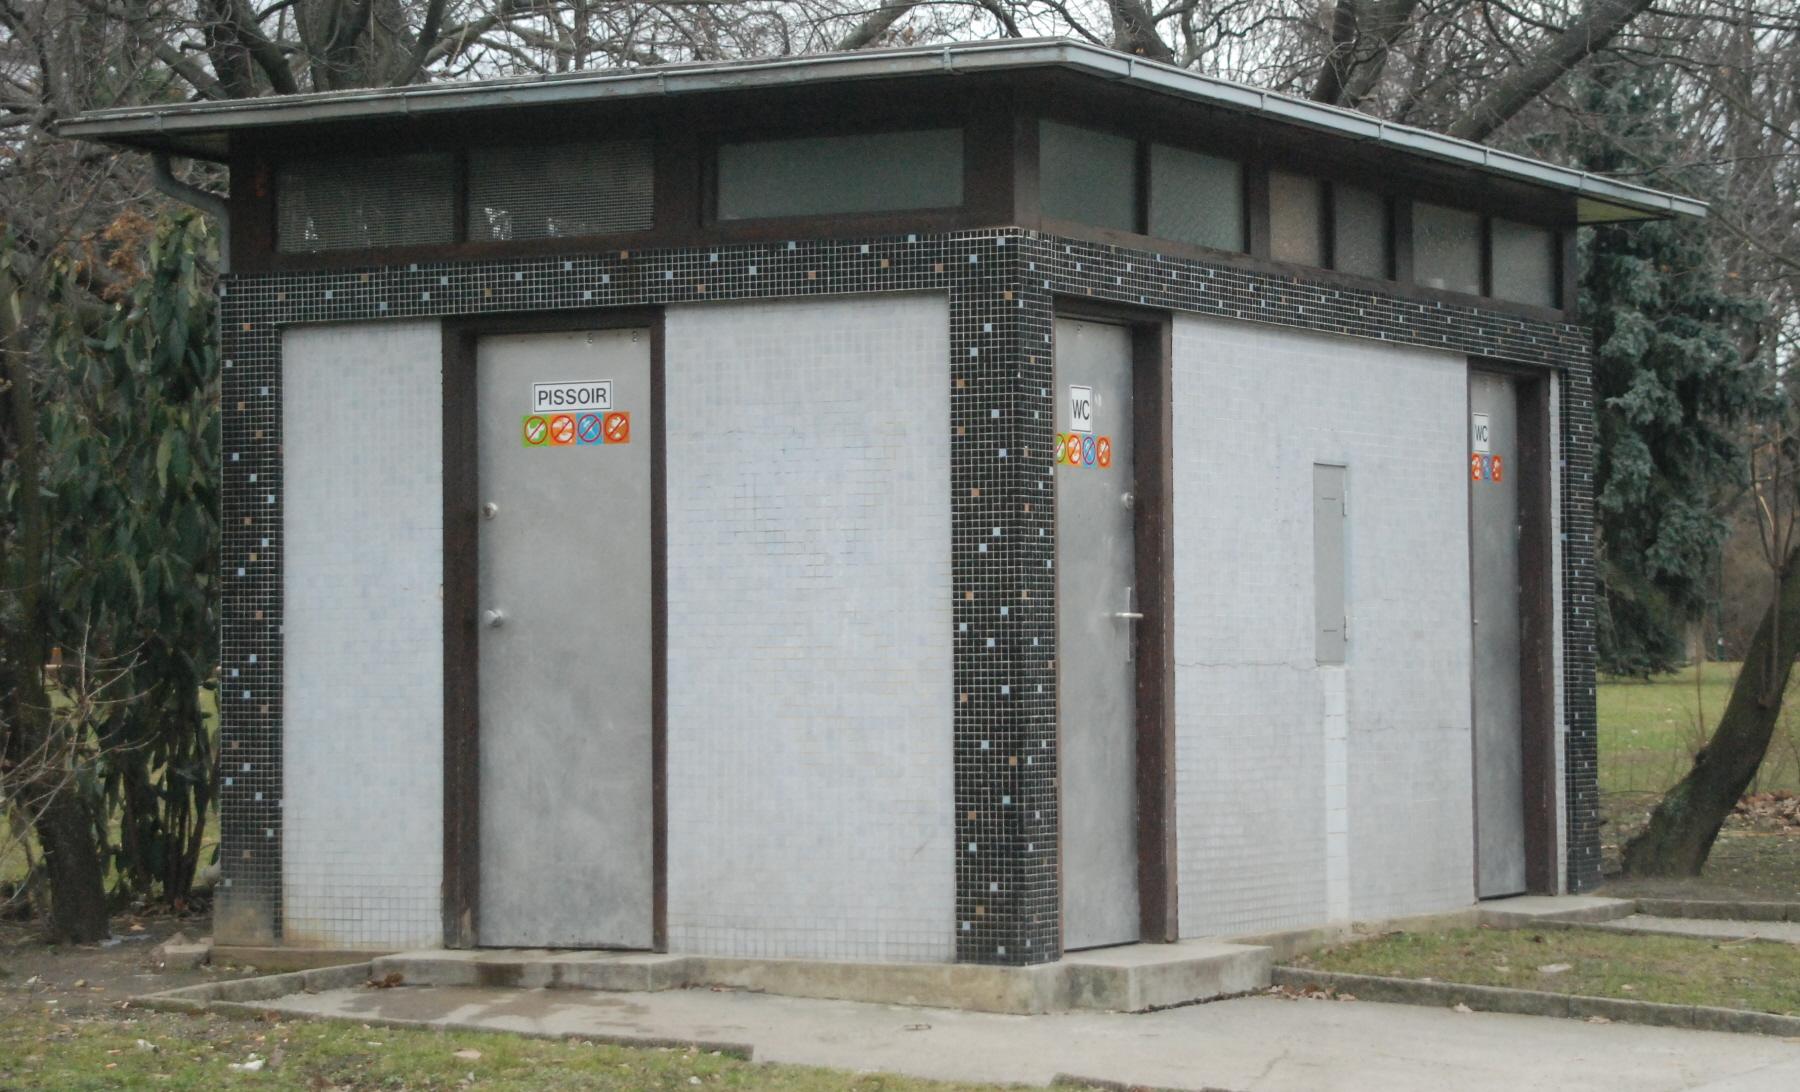 Fileguentherz 2010 02 28 0037 Wien03 Wc Toilette Schweizergarten